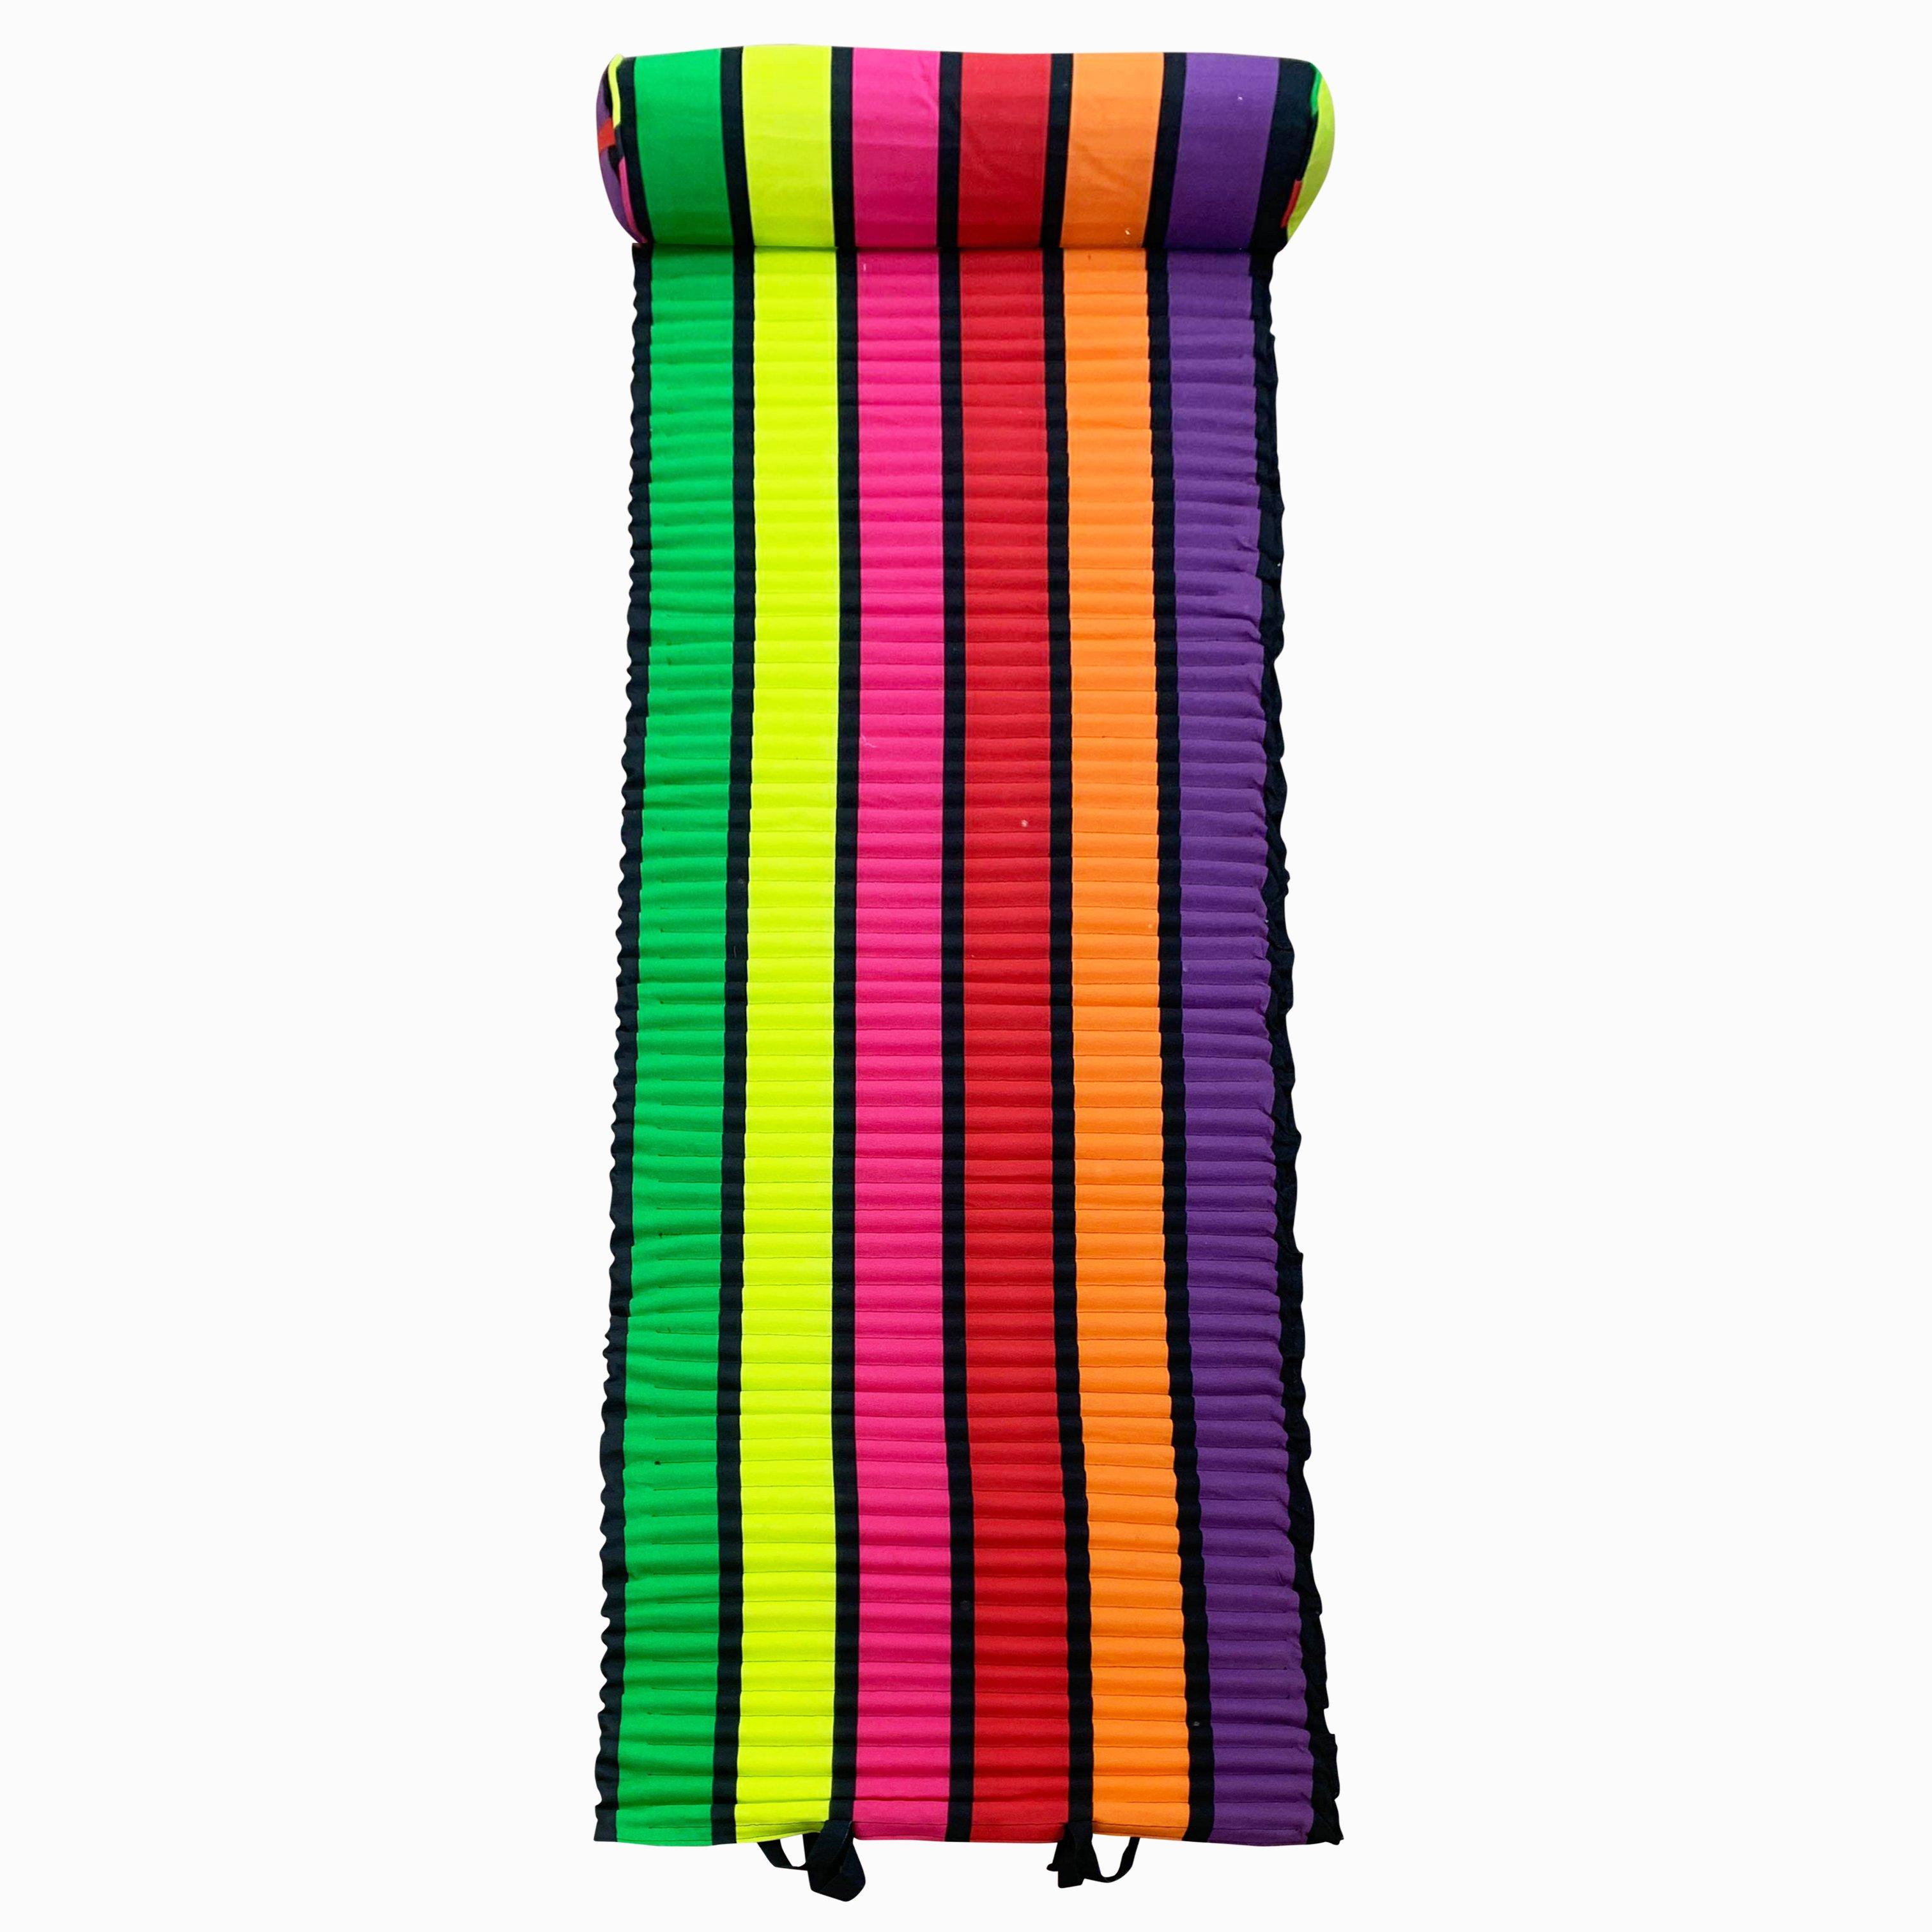 Matelas de plage pour bain de soleil happy fresh  multicolore 60 x 180